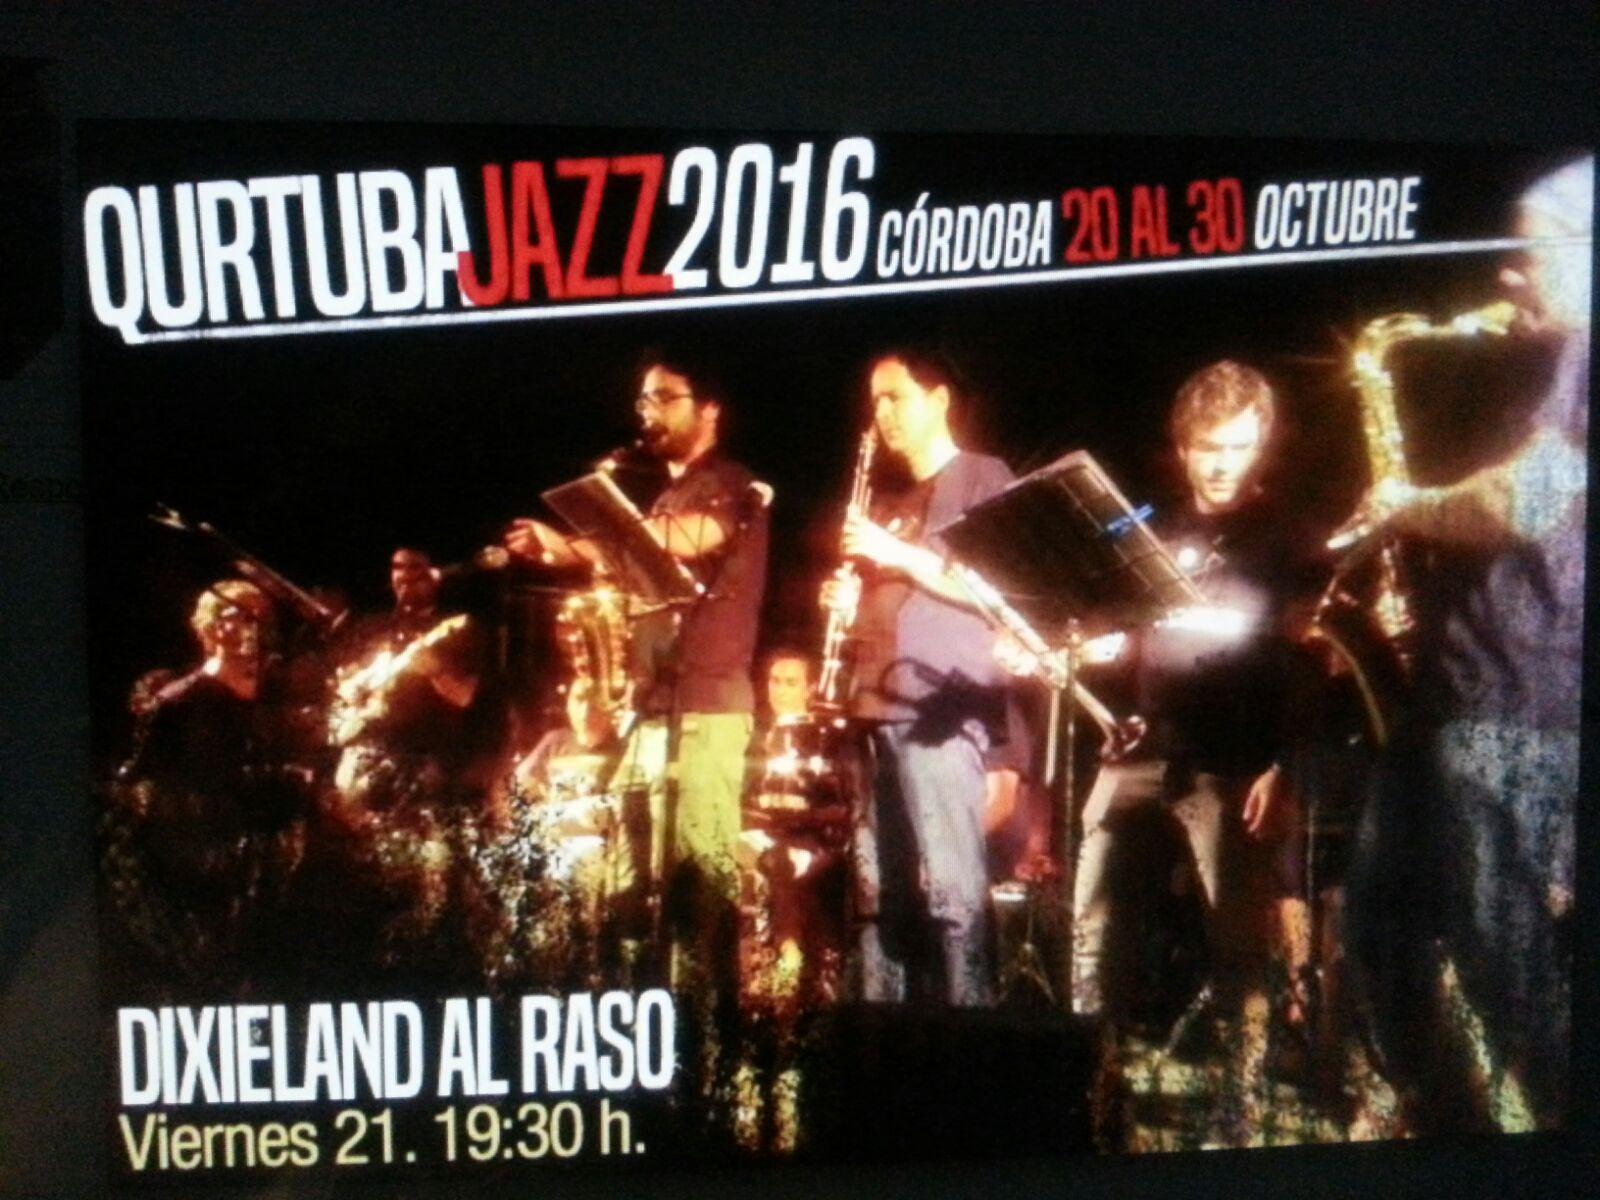 Cartel Qurtuba Jazz 2016. Dixieland Al Raso. Viernes 21 a las 19:30h